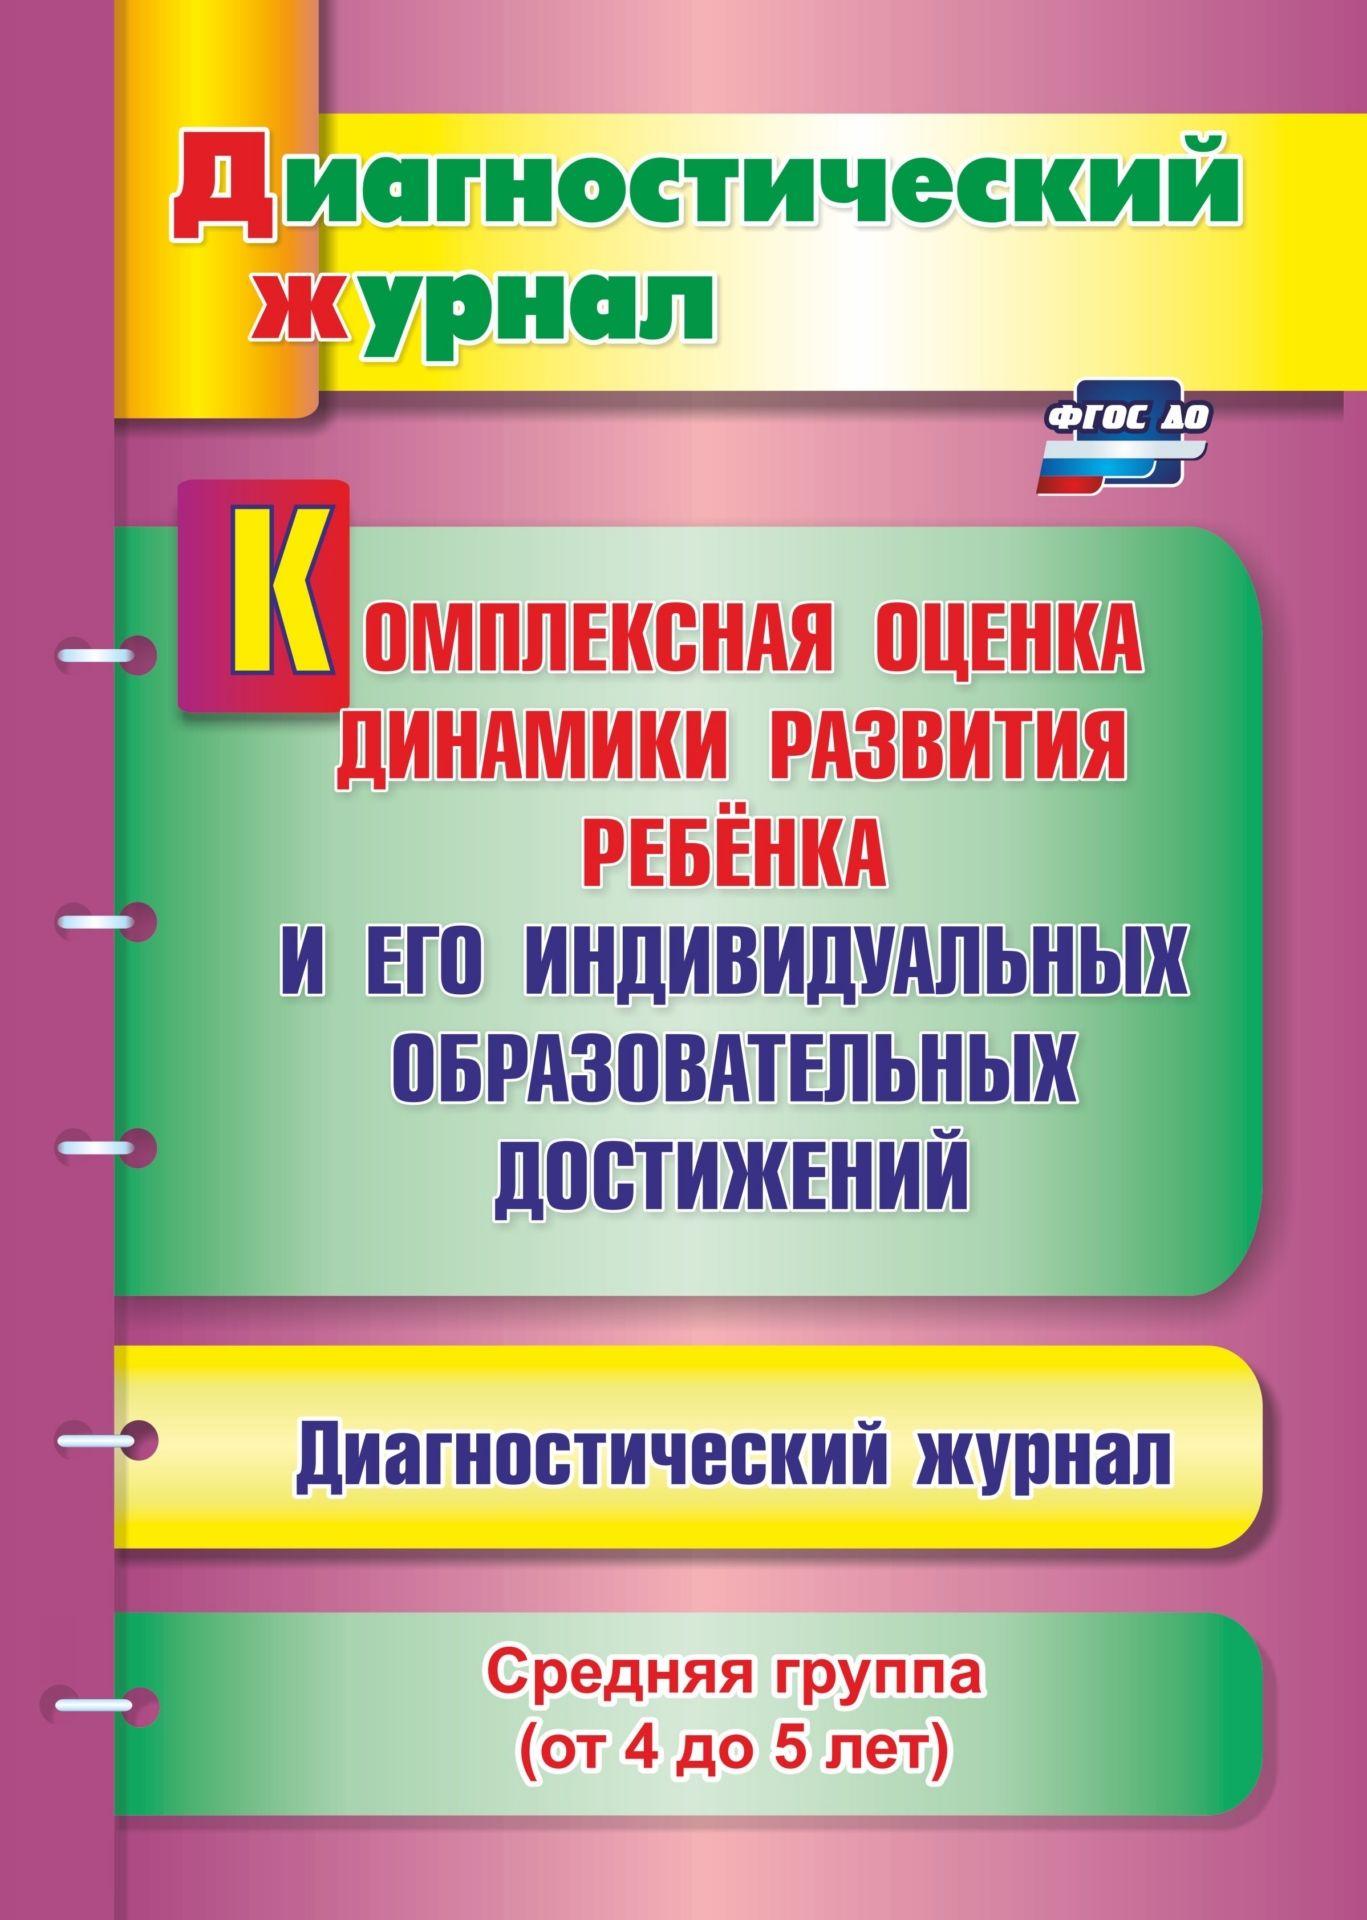 Комплексная оценка динамики развития ребенка и его индивидуальных образовательных достижений. Диагностический журнал. Средняя группа (от 4 до 5 лет)